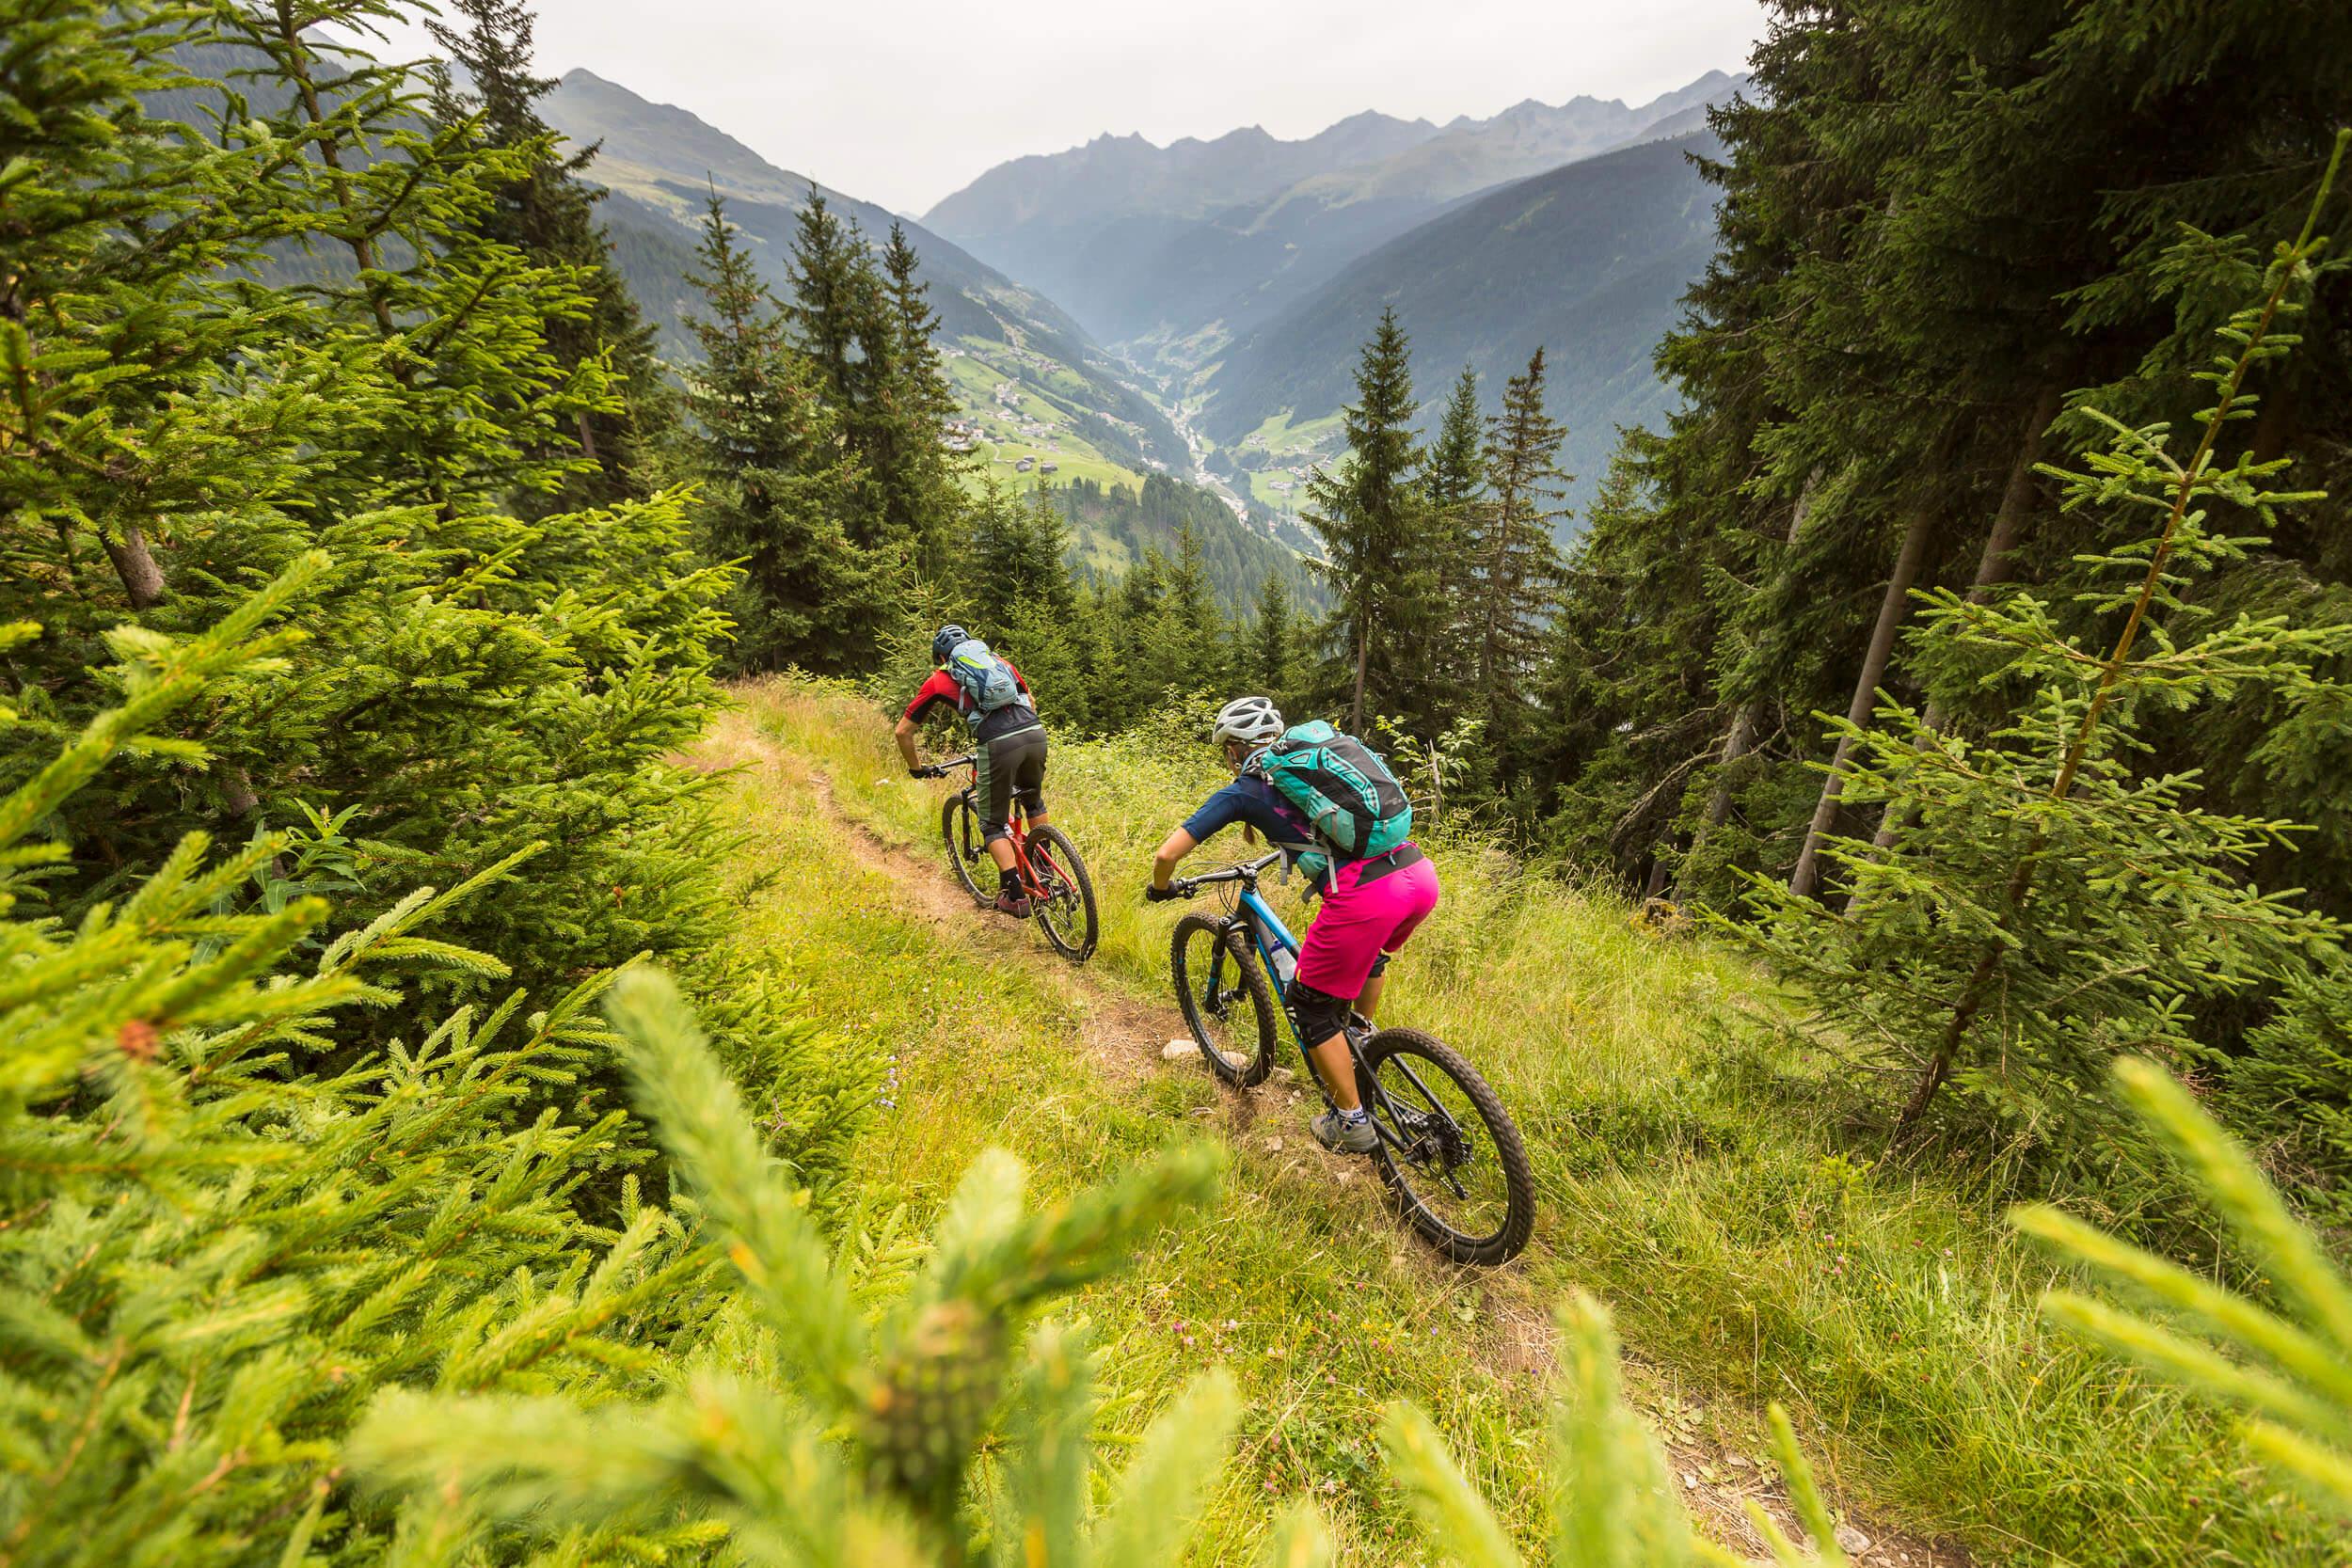 Anspruchsvoller Singltrail am Velill Trail © WOM Medien